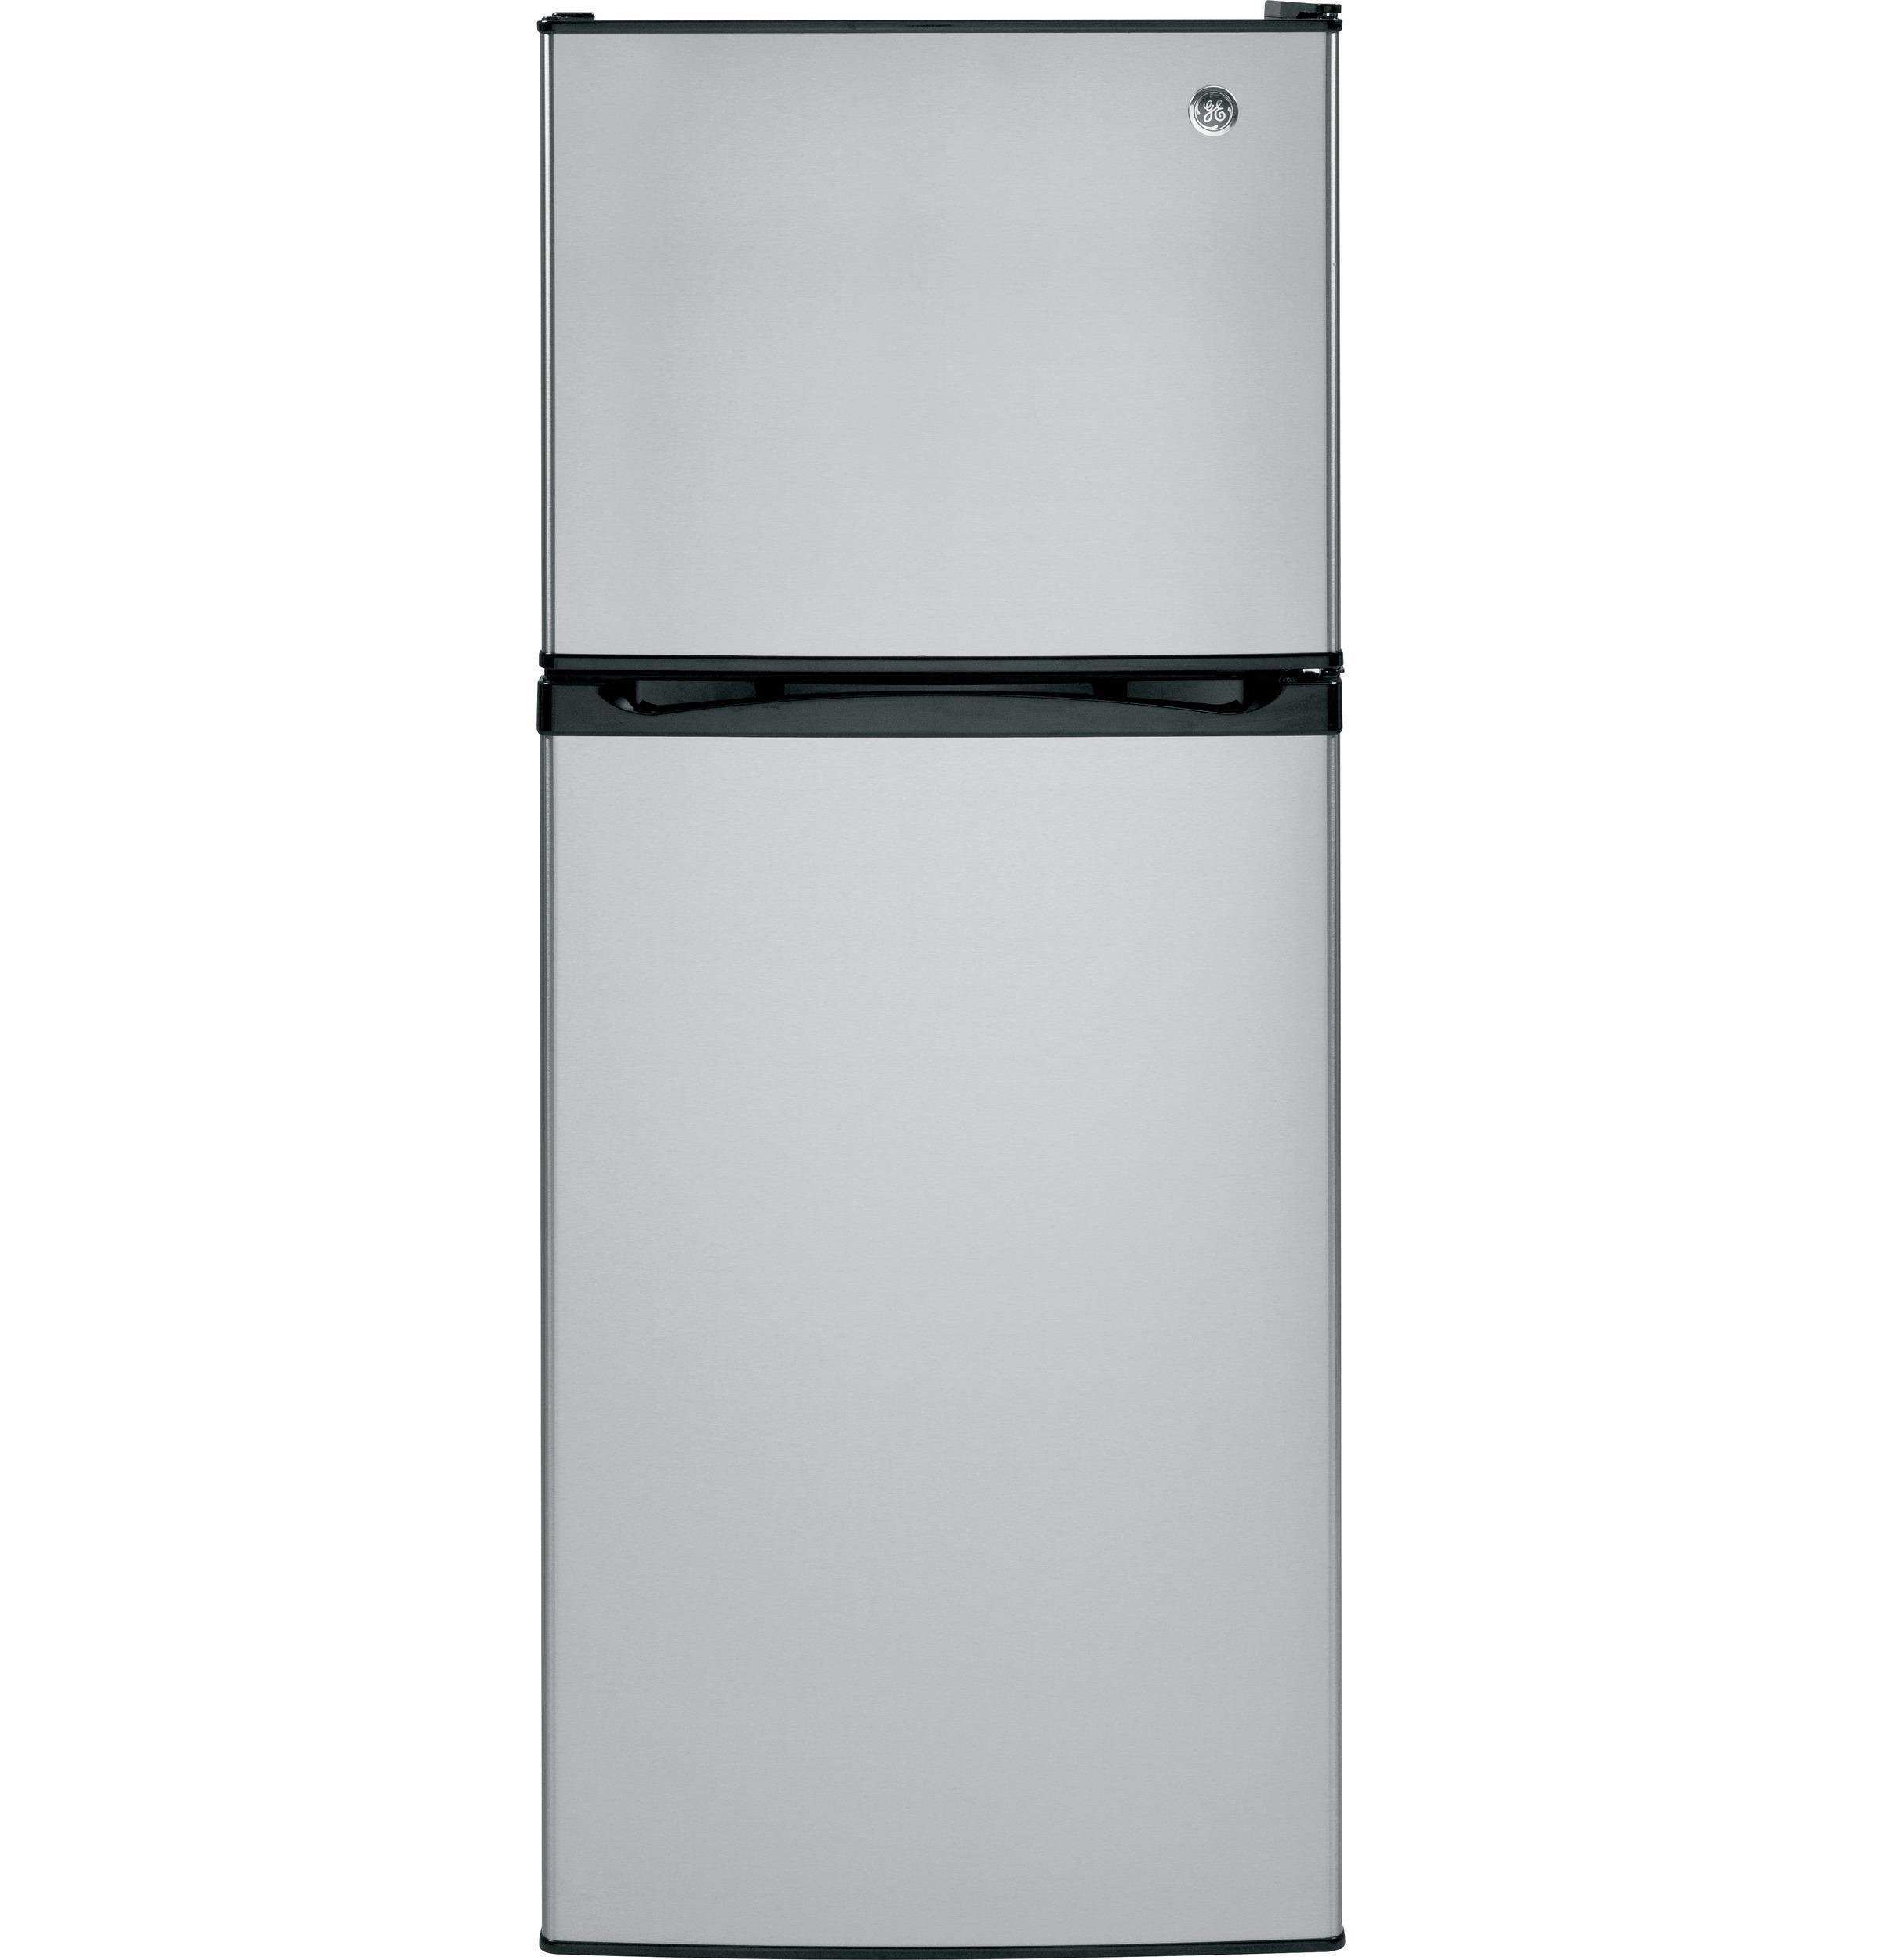 GE Appliances - GPE12FSKSB